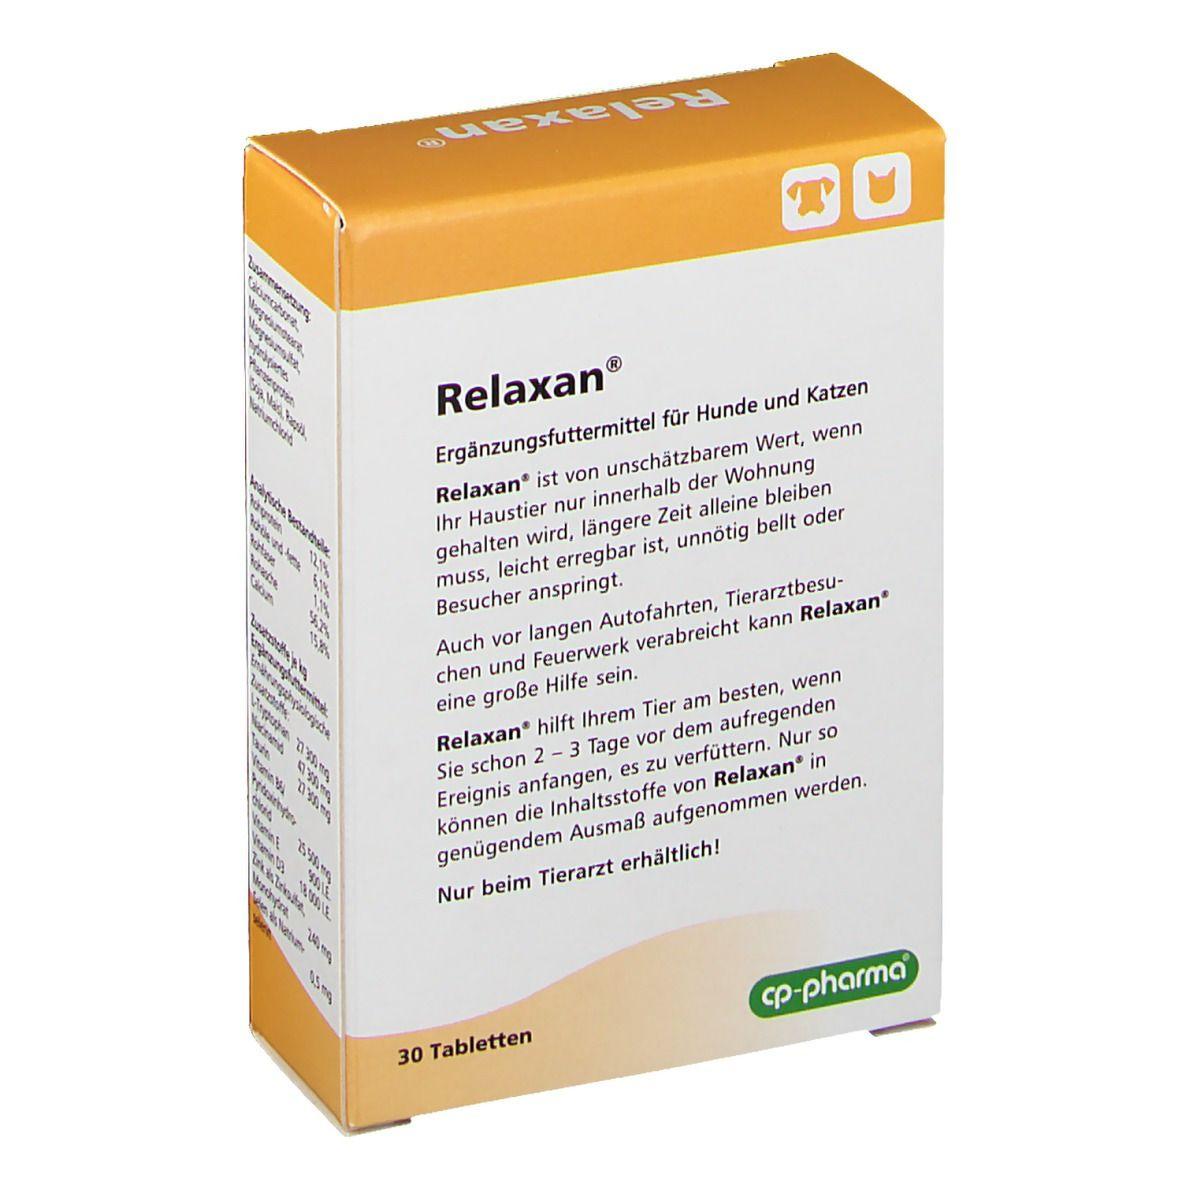 Relaxan® Tabletten